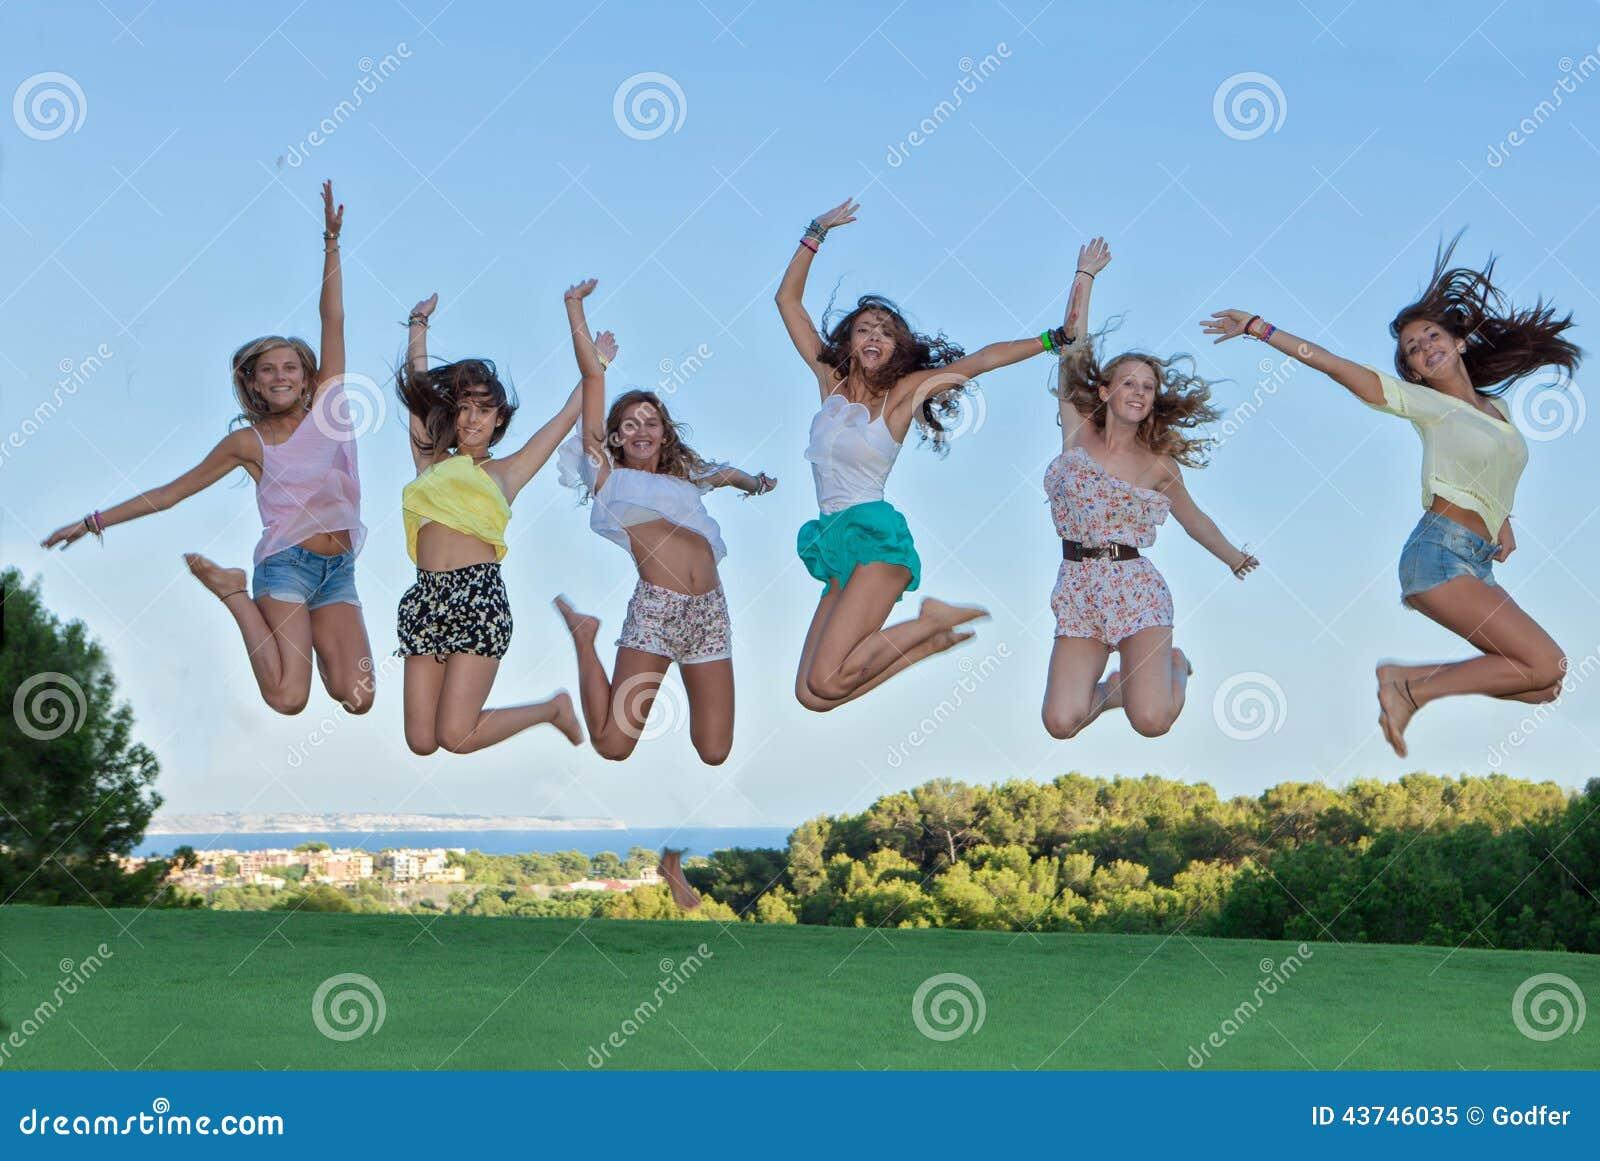 小组愉快十几岁跳跃,